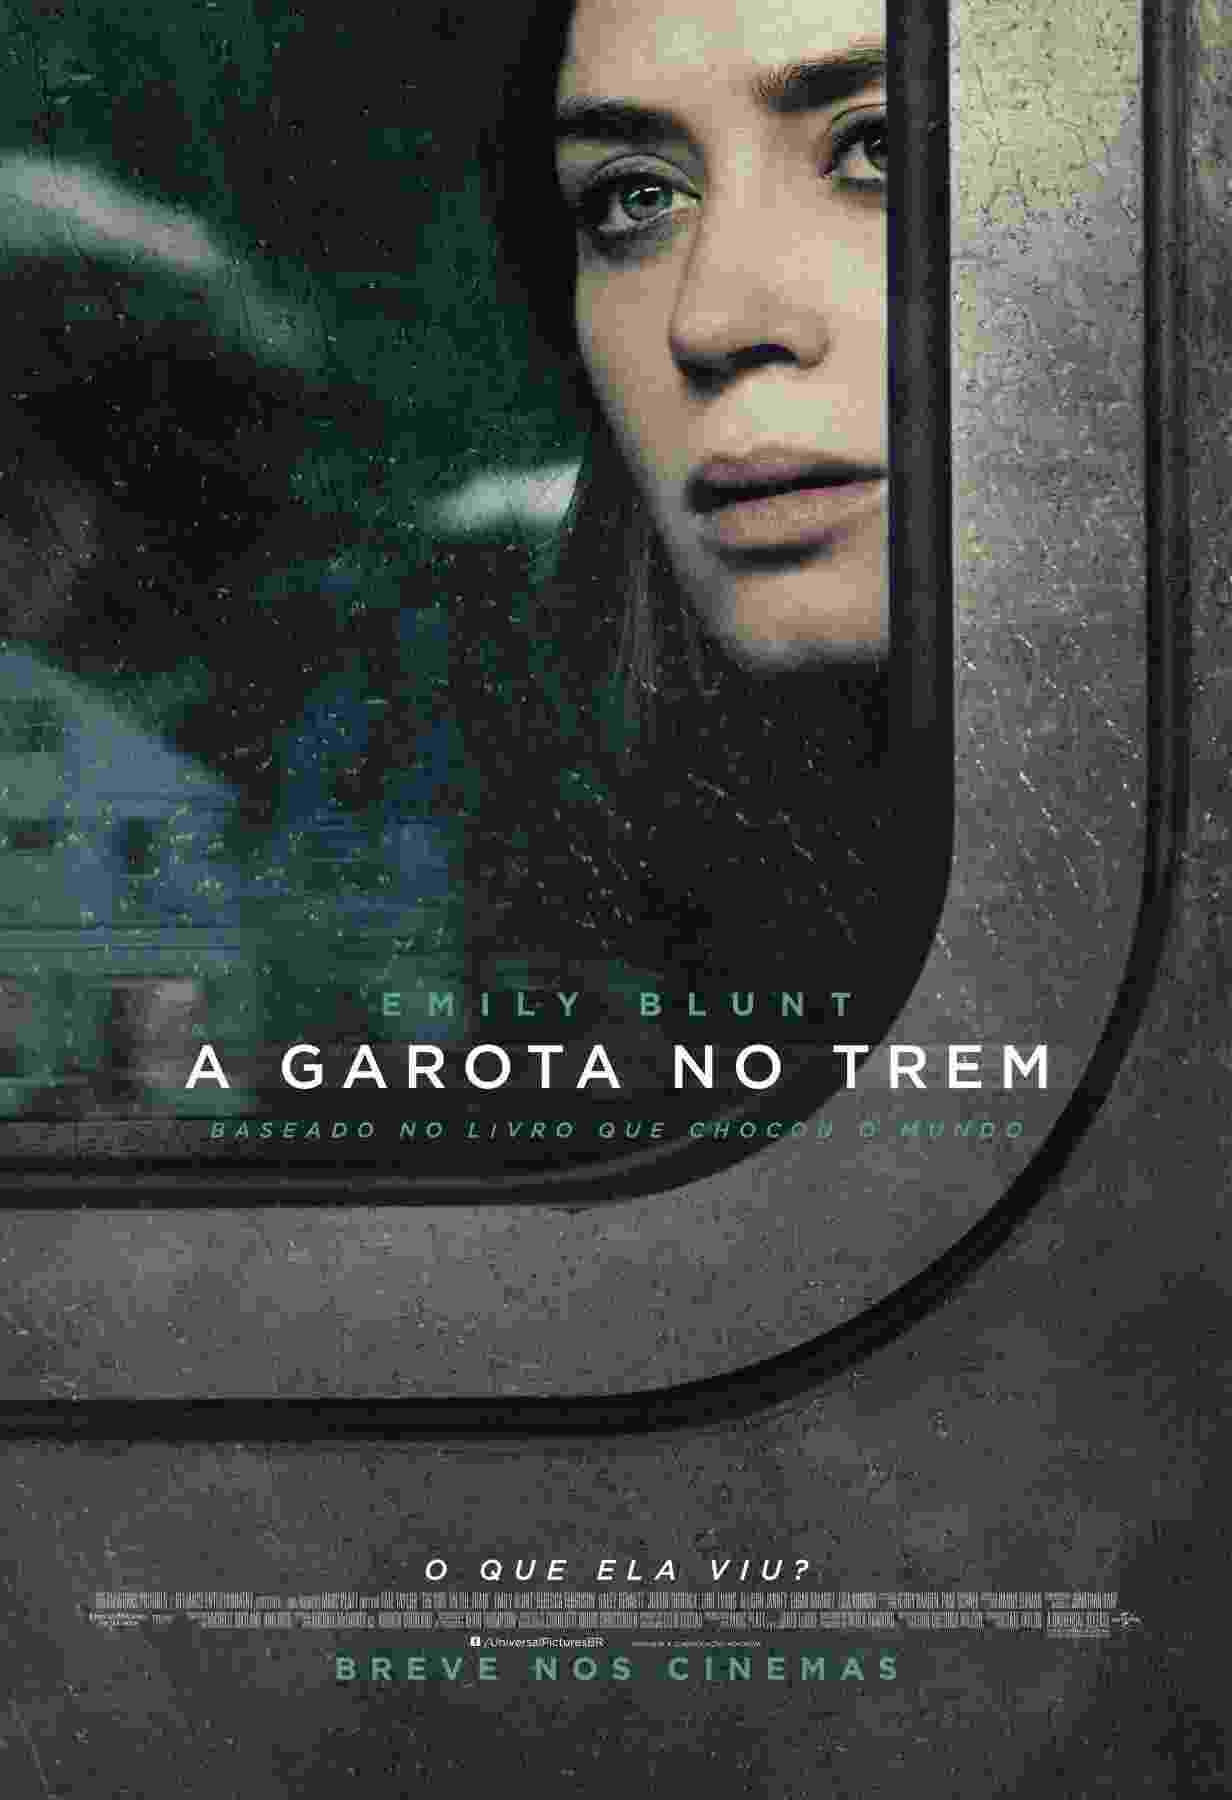 """Cartaz de """"A Garota no Trem"""", filme baseado no best-seller de Paula Hawkins que estreia no Brasil no dia 27 de outubro - Divulgação"""